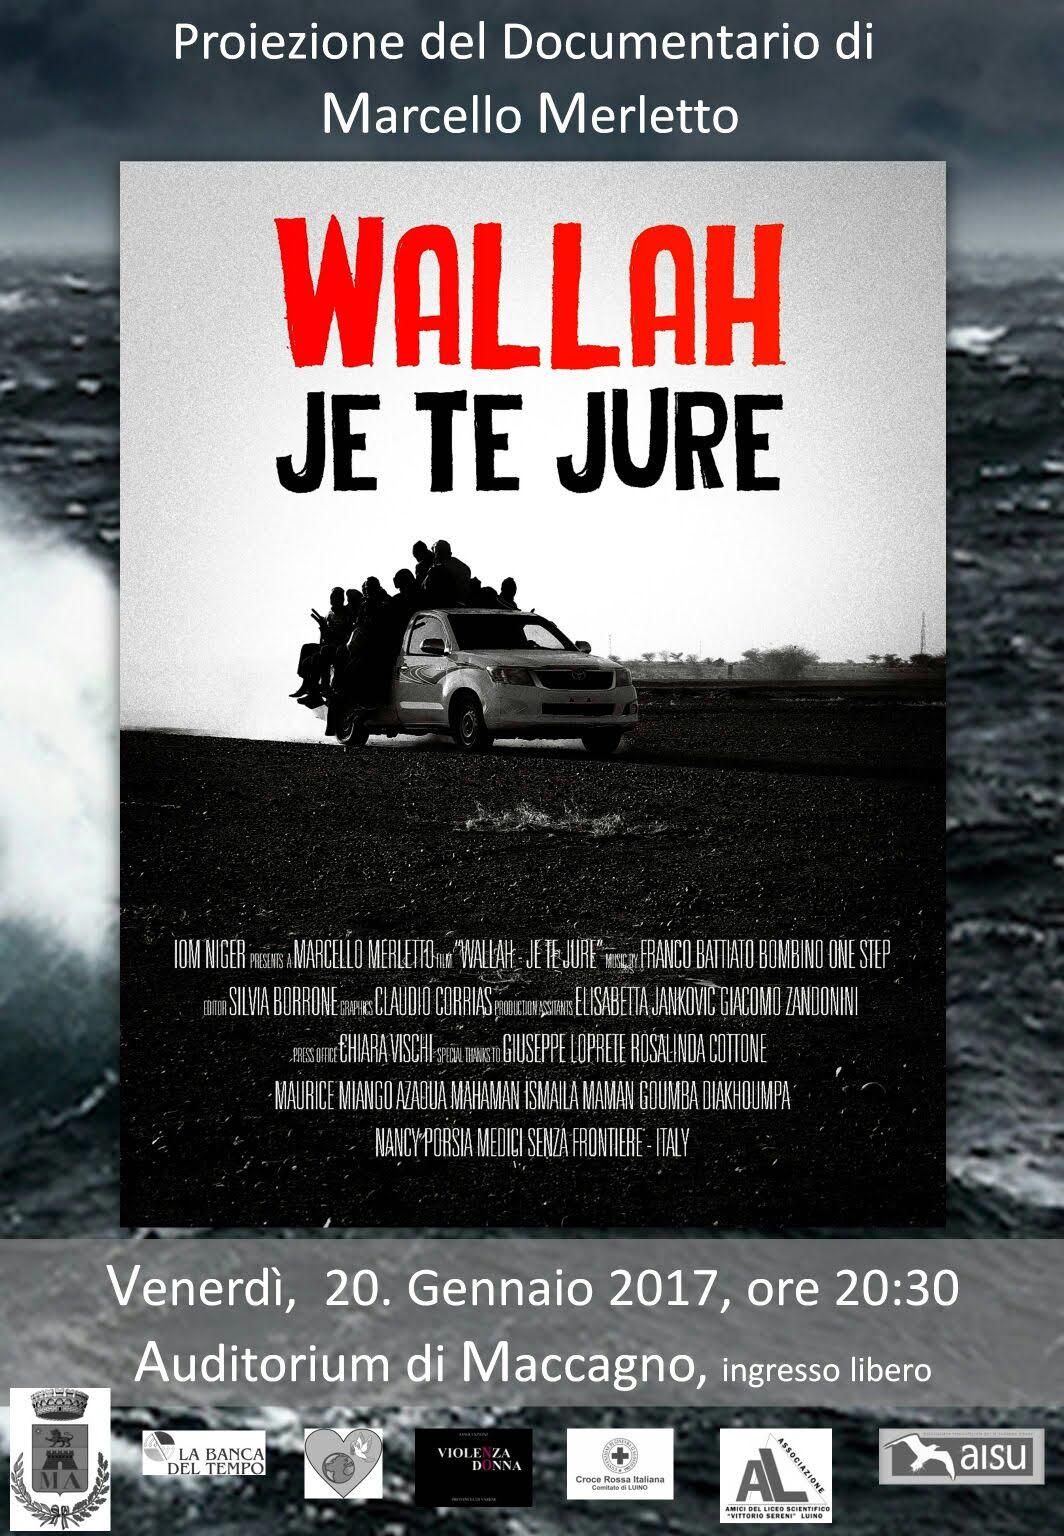 """L'Auditorium di Maccagno sul tema dell'immigrazione con il film """"Wallah, je te jure""""."""